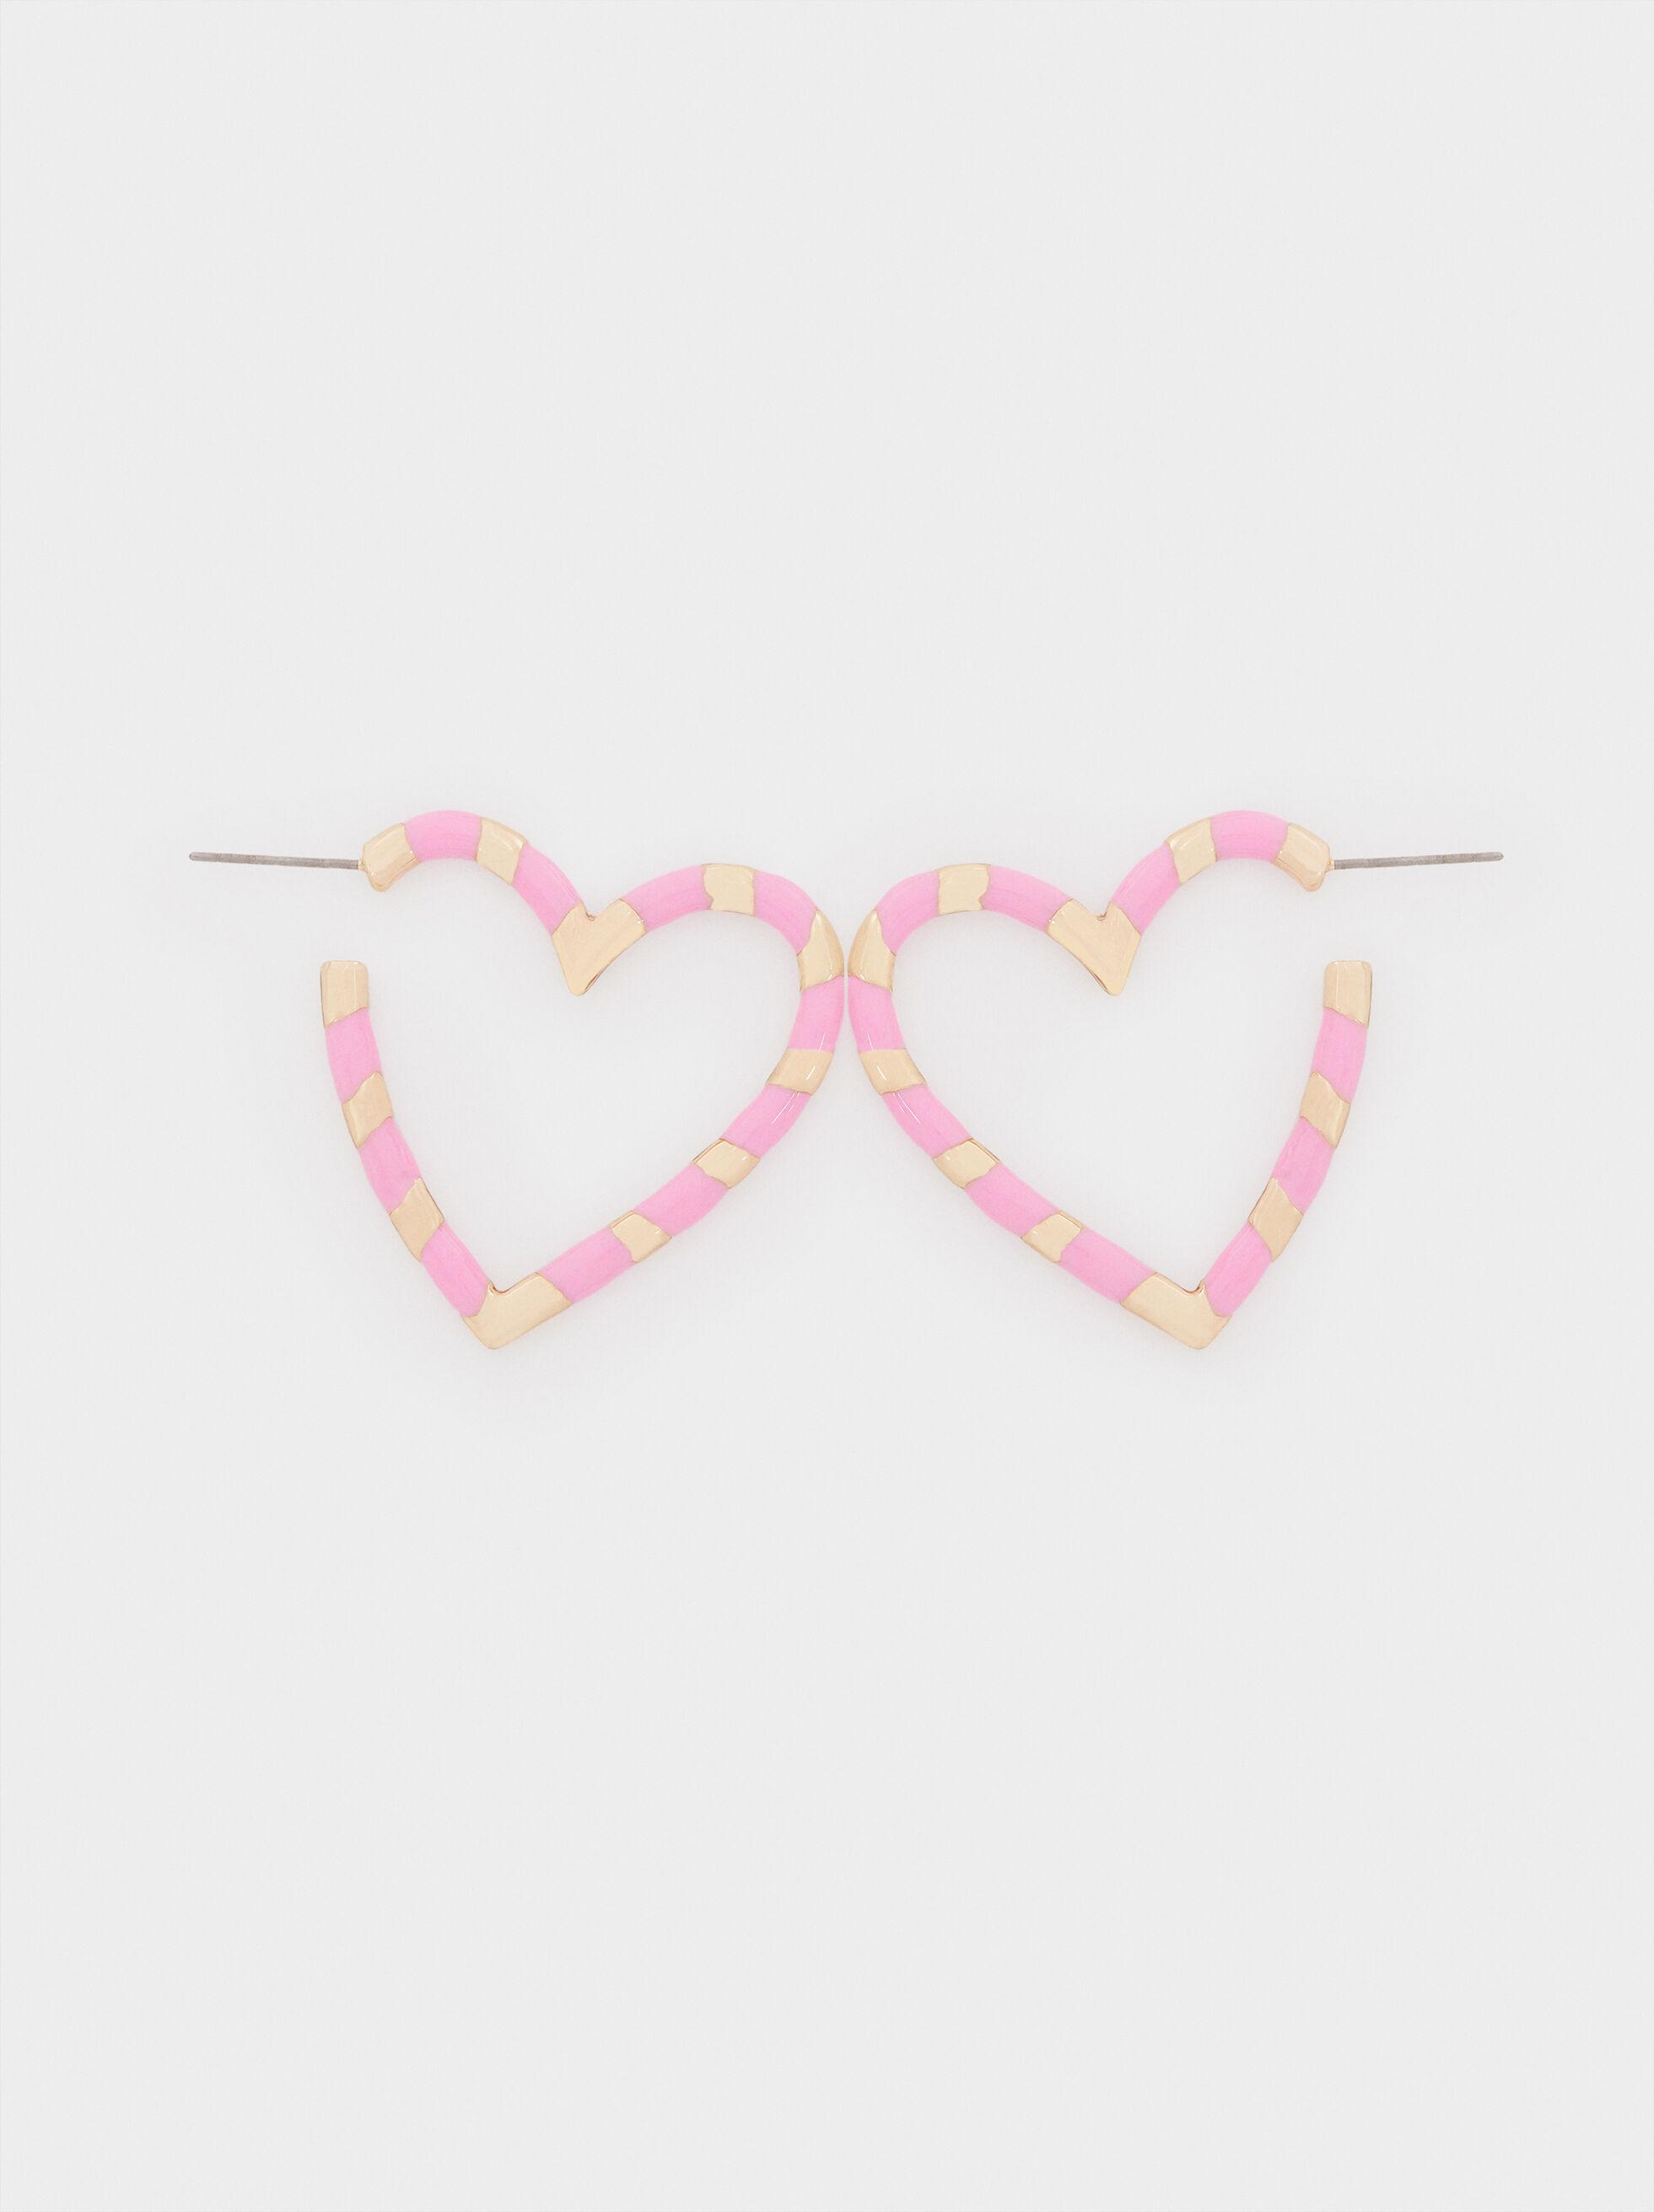 Medium Metal Earrings With Heart Detail, Pink, hi-res